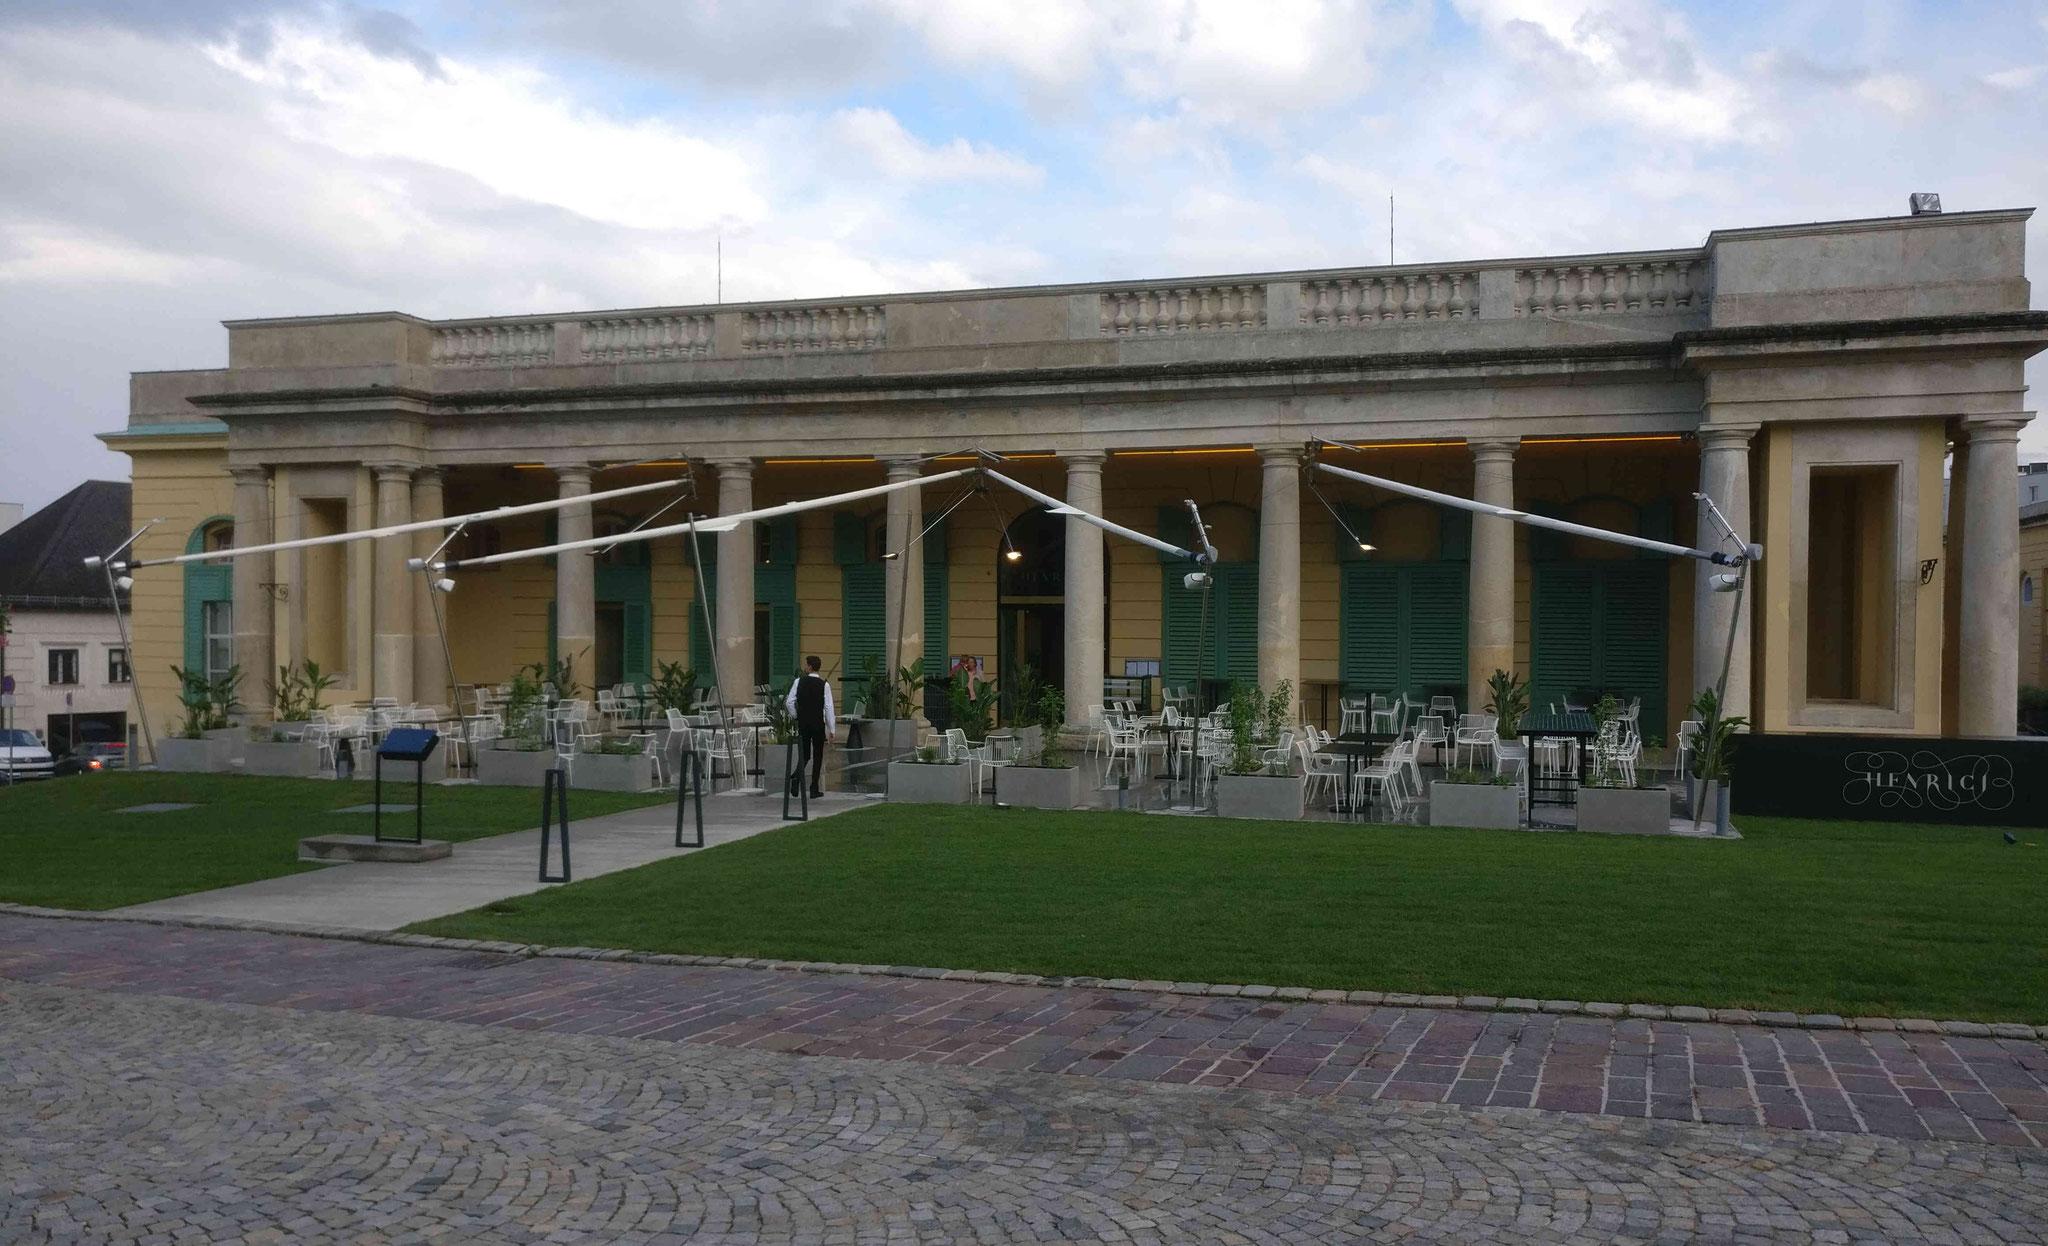 Ehemalige Pferdestallungen des Schloß Esterhazy in Eisenstadt. Heute befinden sich darin ein Sternerestaurant und eine Vinothekd